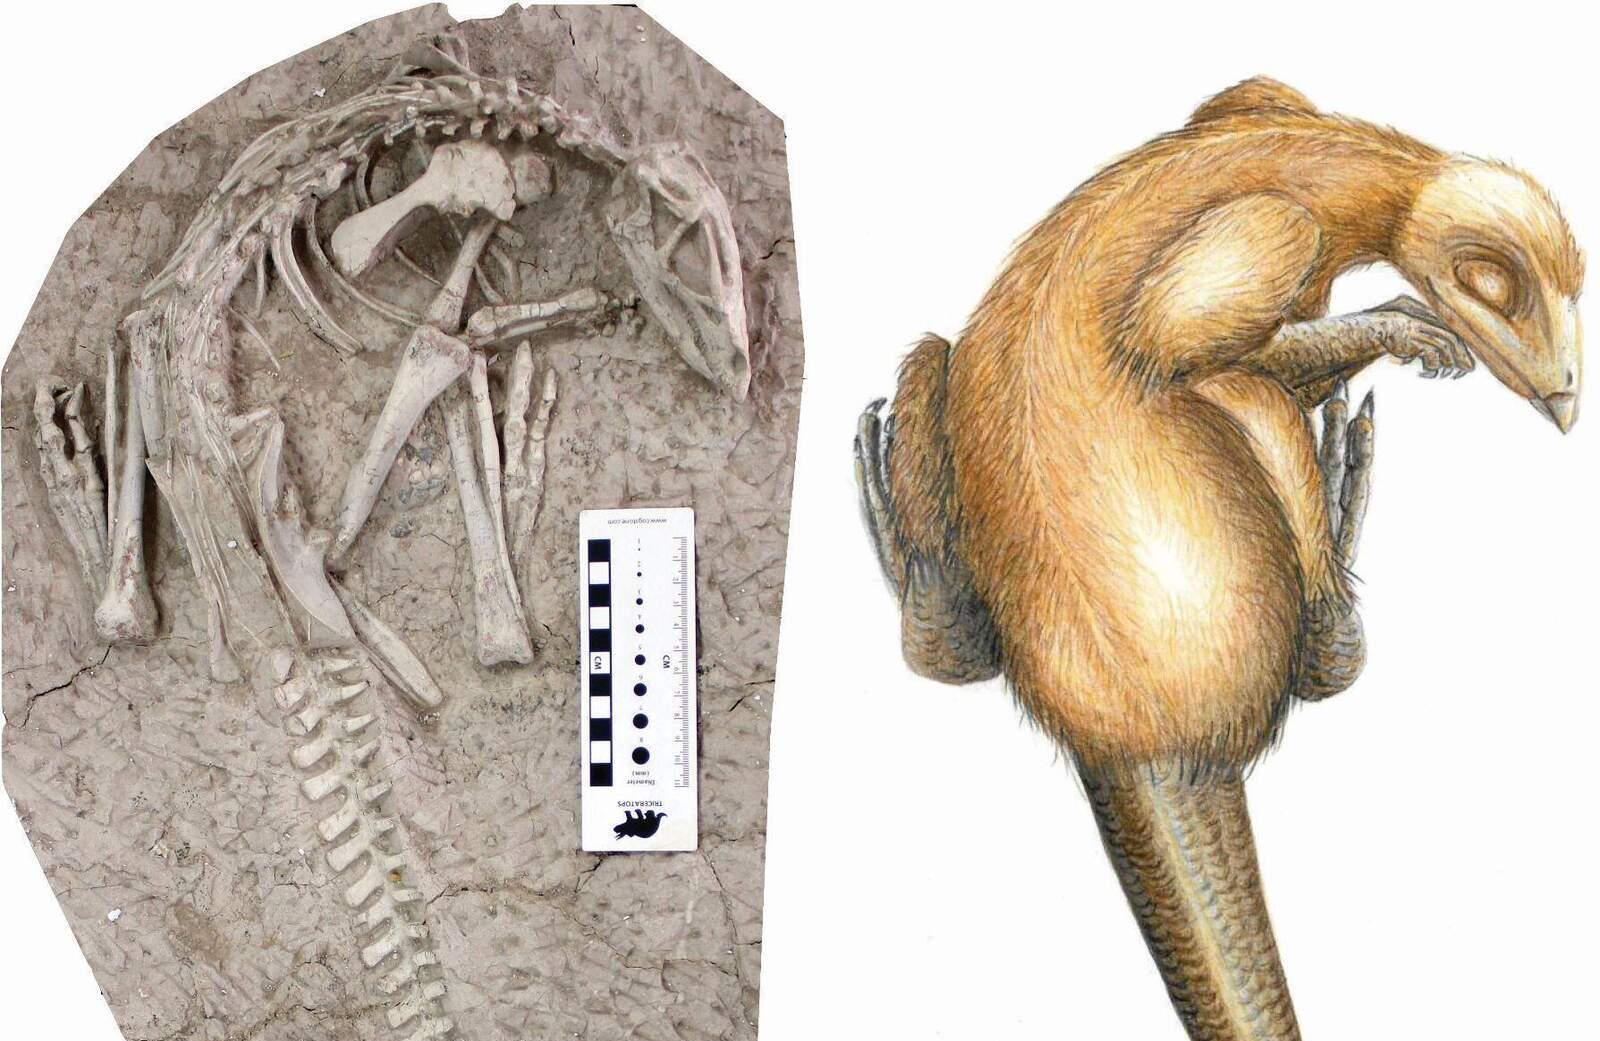 Un dels dinosaures descoberts al costat d'una reproducció artística de l'aspecte que devia tenir en vida